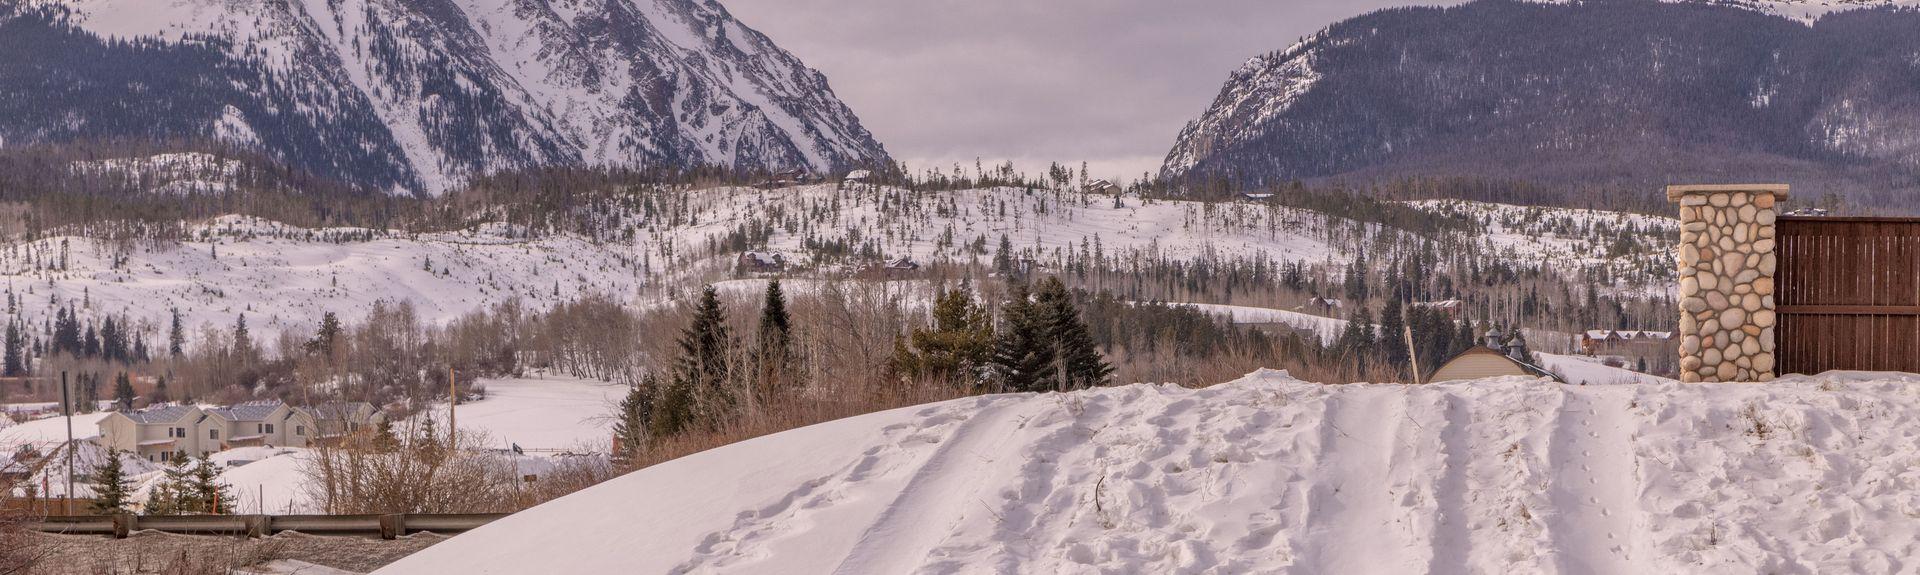 Three Peaks, Silverthorne, CO, USA